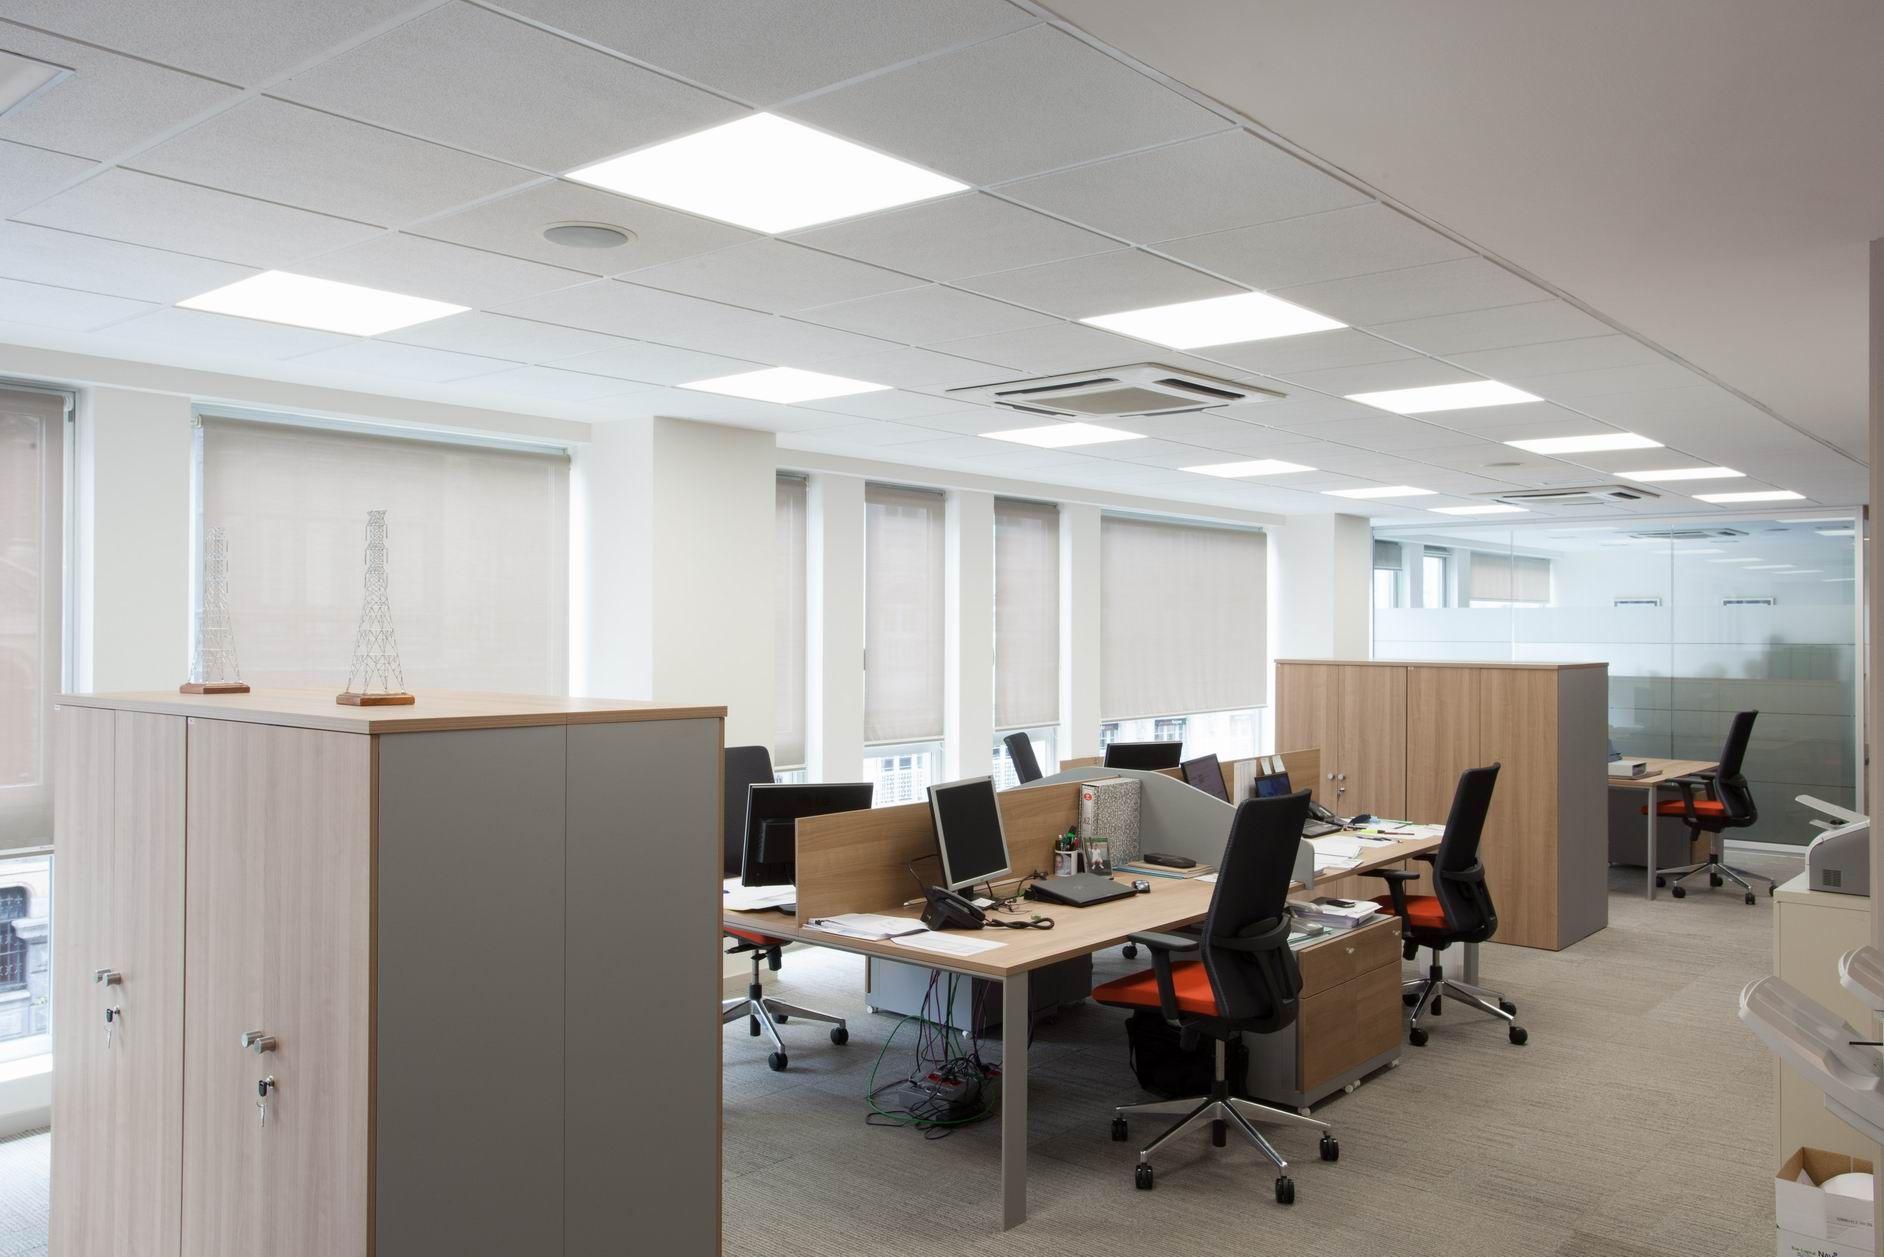 Proyecto de iluminacion led oficinas en bilbao con for Iluminacion oficinas modernas